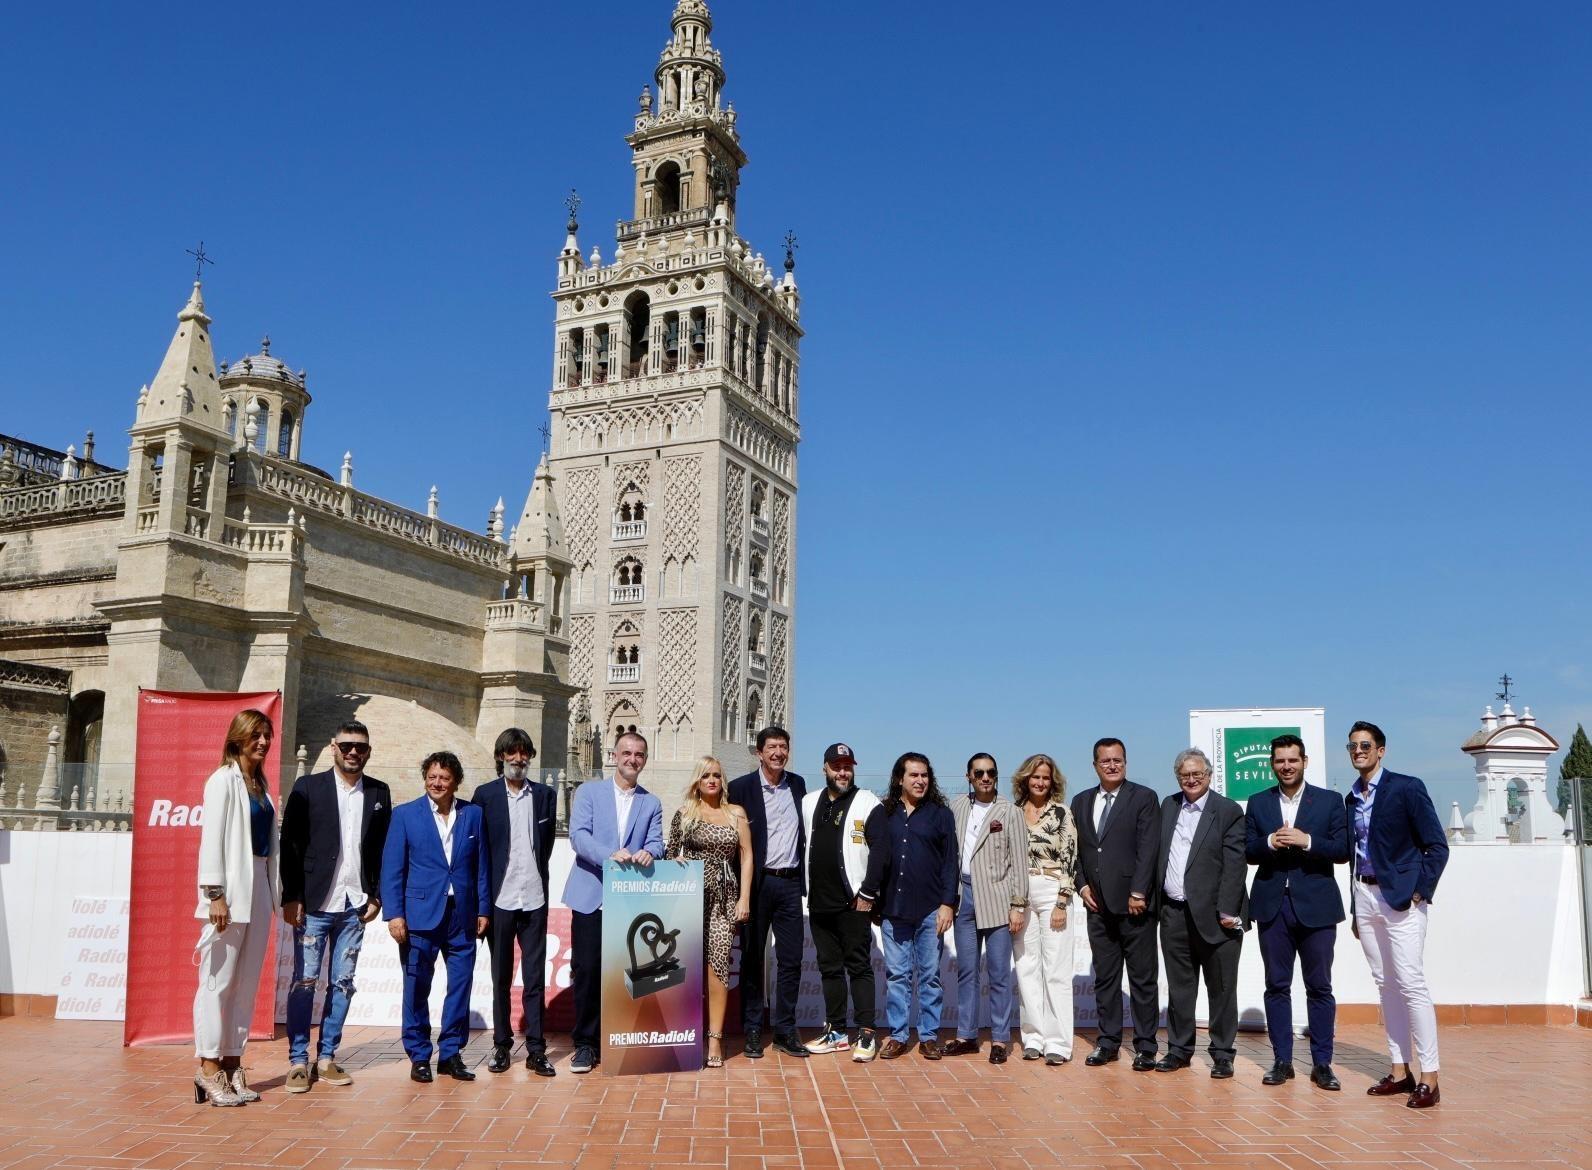 presentación premios radiolé 2021